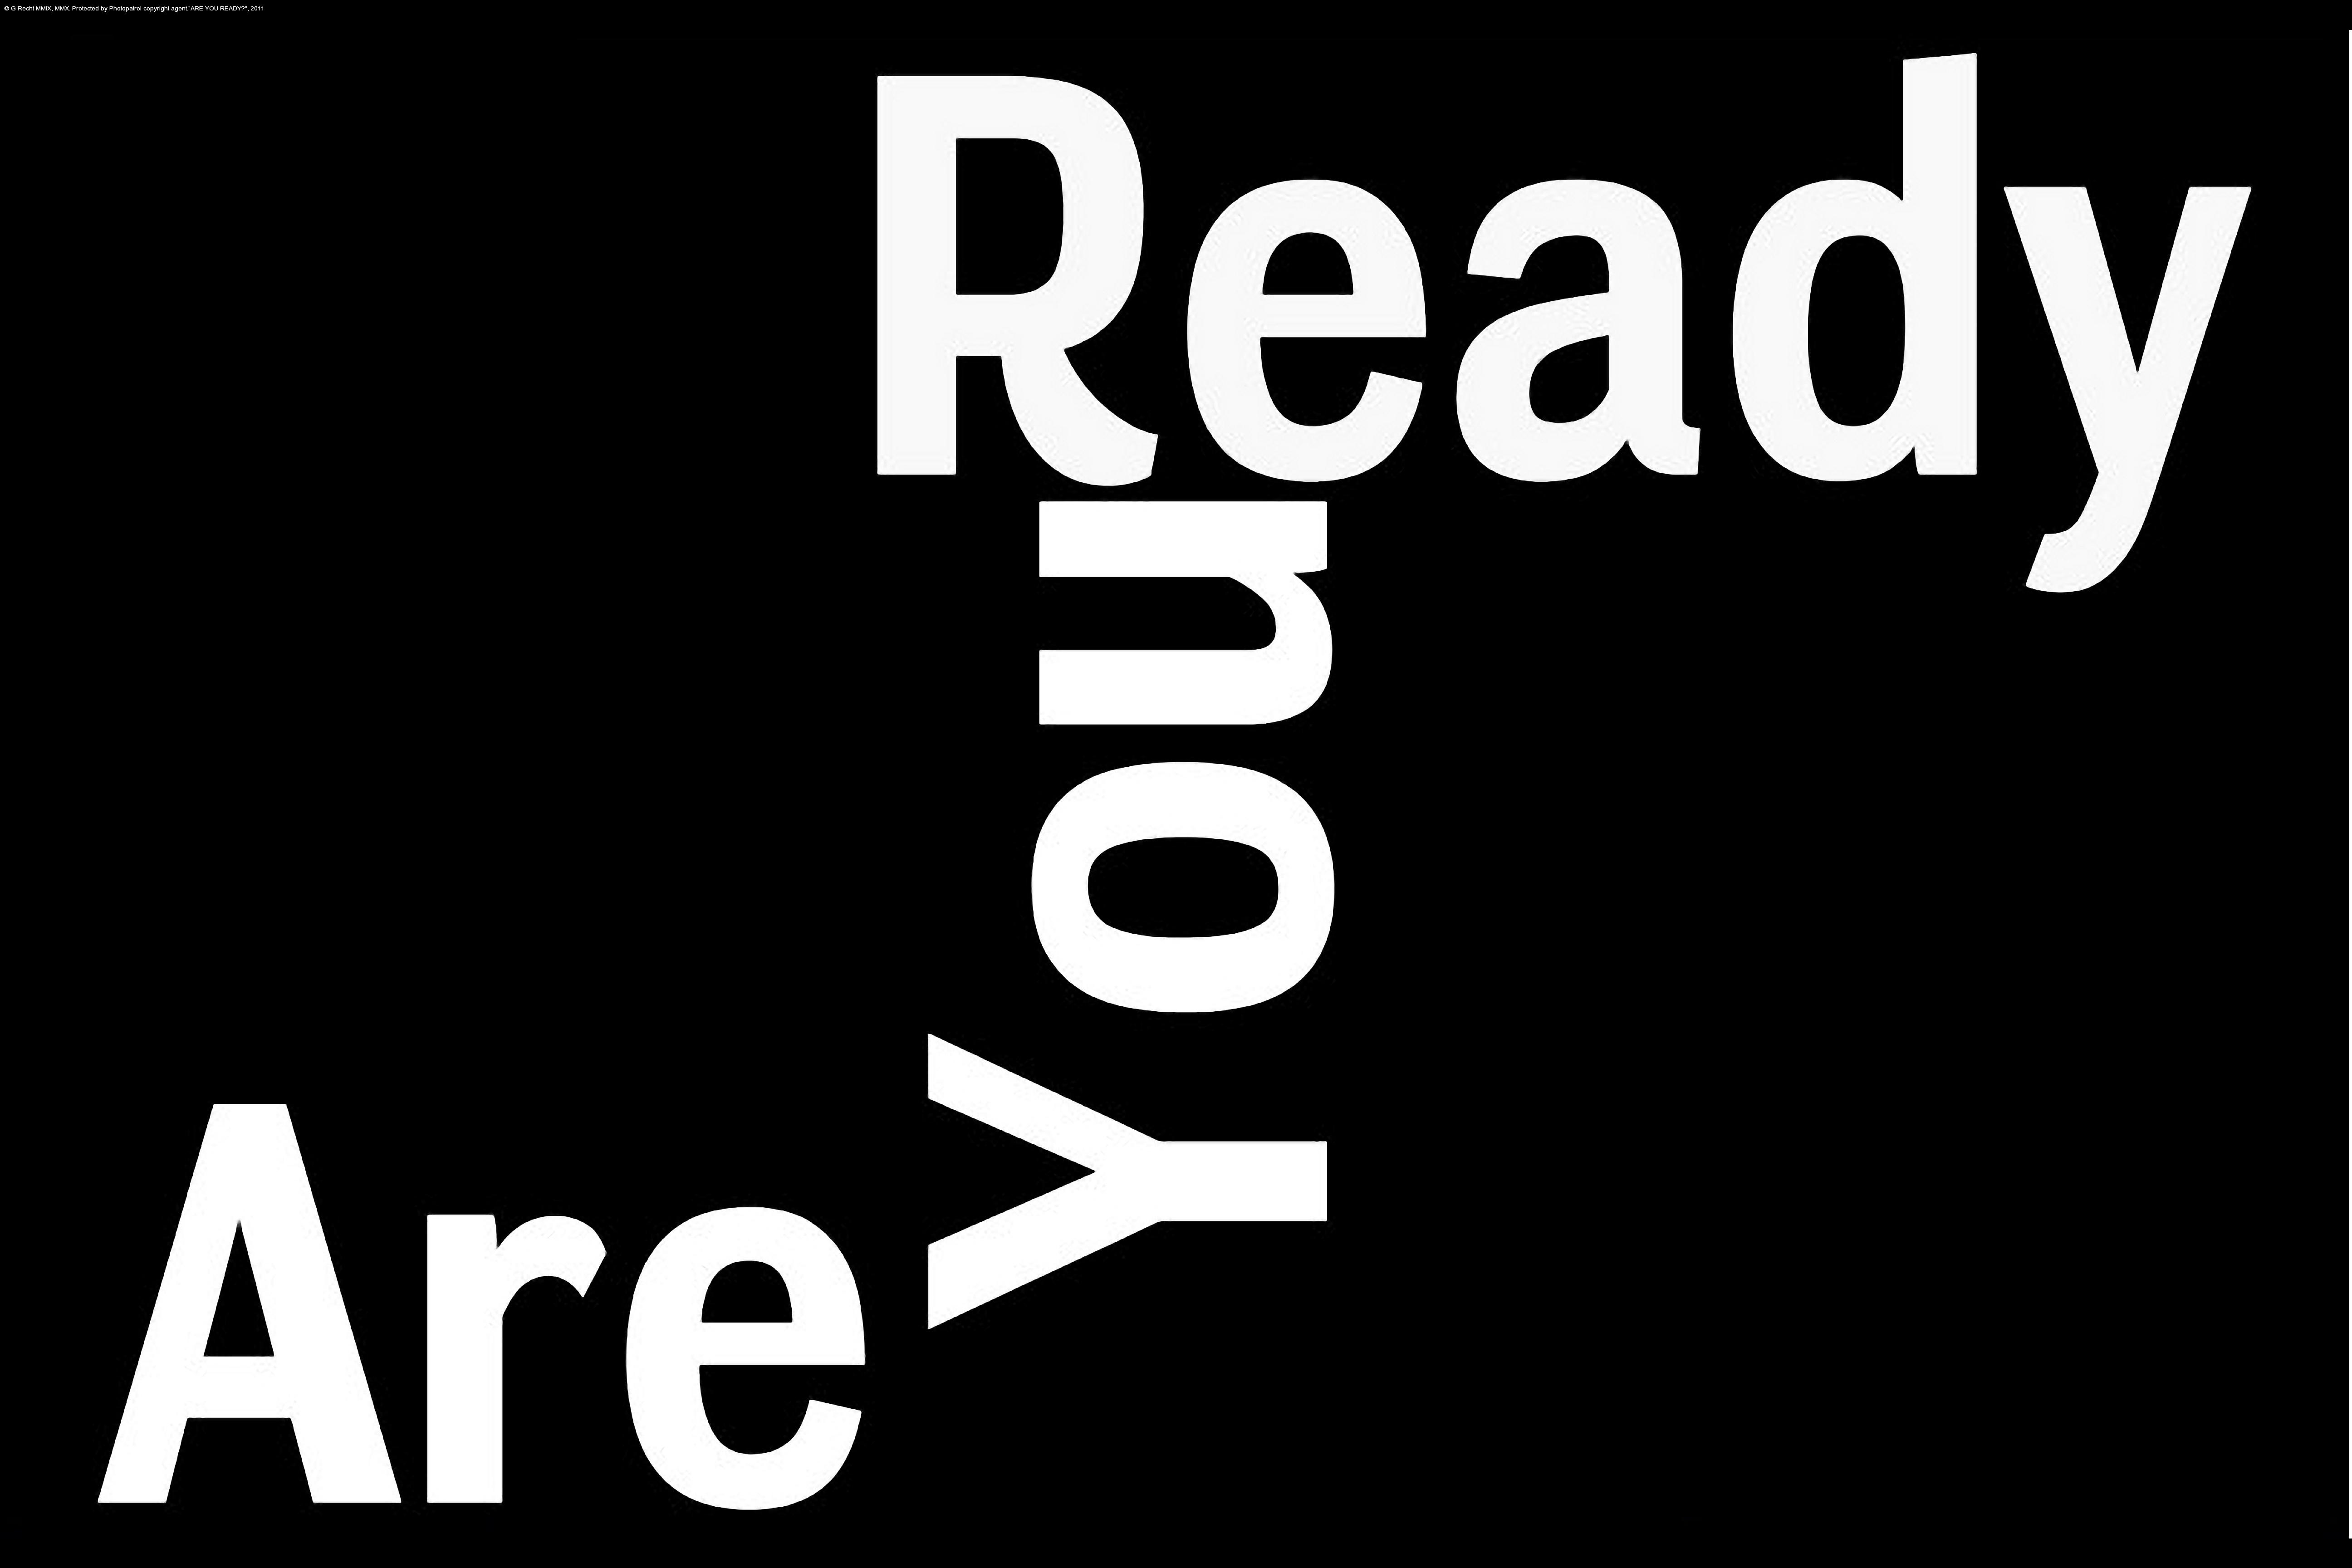 ARTDOXA - Community for Contemporary Art - G Recht